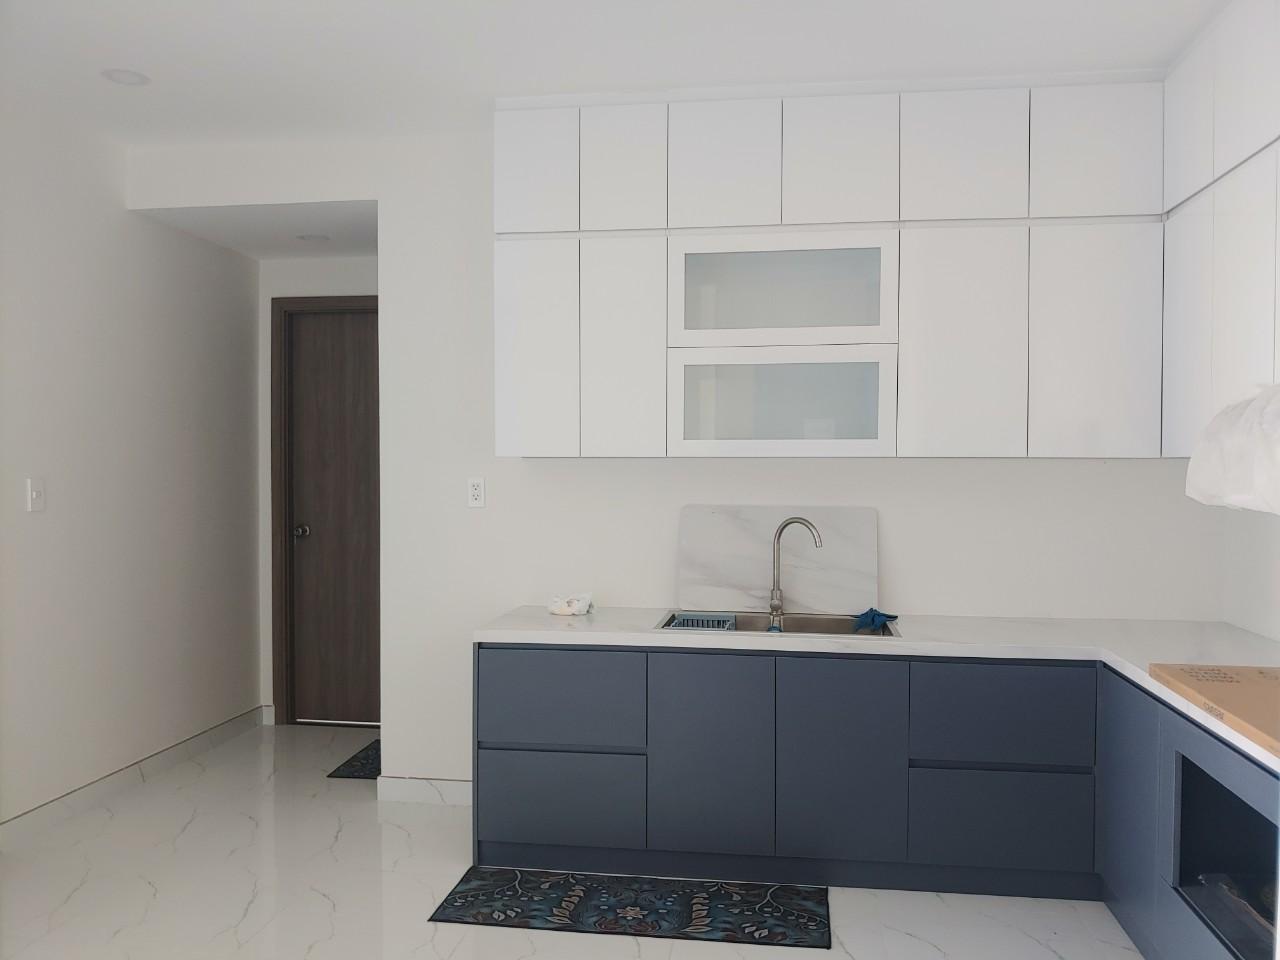 Chuyển nhượng căn 2PN Lavida Plus,bàn giao thô chỉ 39tr/m2,vị trí vàng để đầu tư,an cư